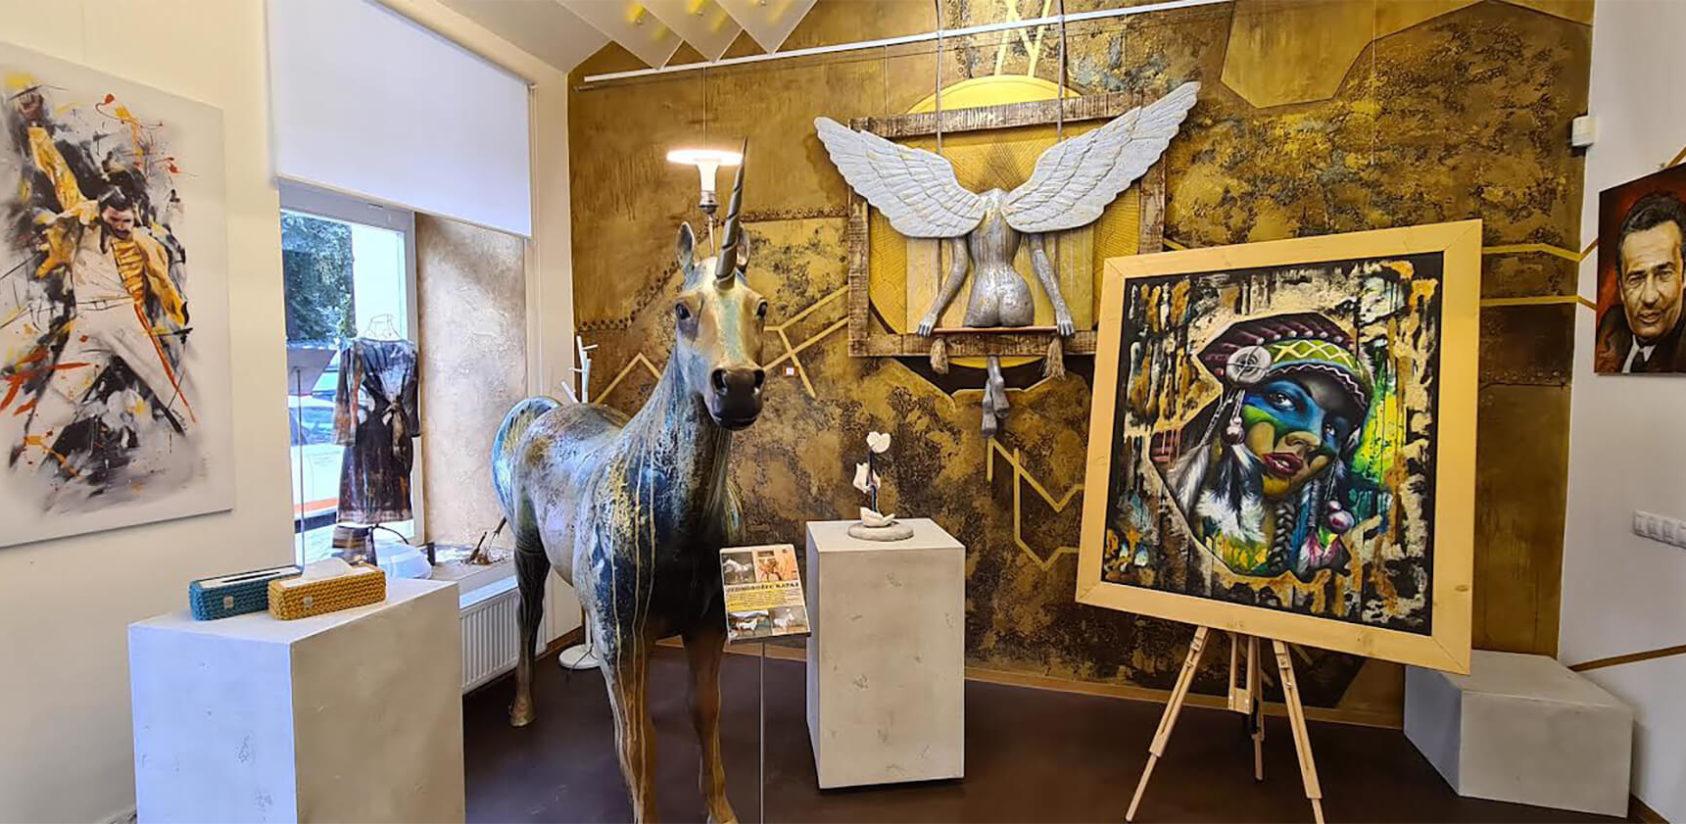 Potěšte svou duši uměním - v jediné galerii s únikovou hrou ZDARMA